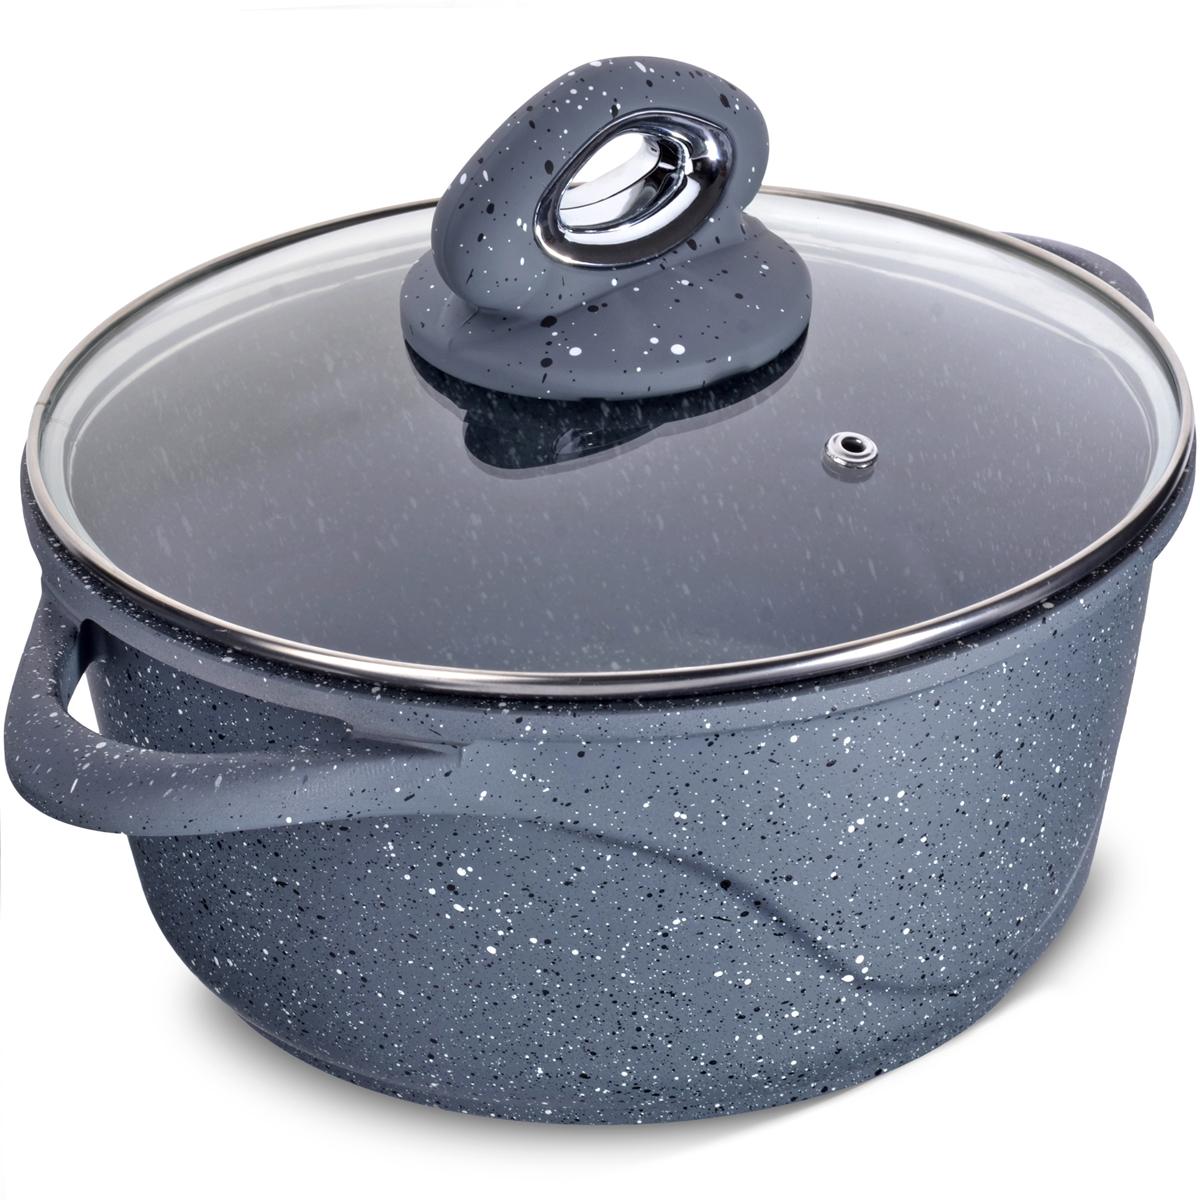 """Кастрюля """"Mayer & Boch"""" изготовлена из литого алюминия, что исключает возможность деформации и гарантирует долгий срок службы. Утолщенное, выполненное из алюминия дно обеспечивает идеальный контакт с конфоркой и способствует равномерному разогреванию пищи. Мраморное антипригарное покрытие позволяет готовить, практически не используя растительное масло, что значительно увеличивает полезность приготовляемой еды. Крышка из жаропрочного стекла с пароотводом. Подходит для всех видов плит, кроме индукционных."""